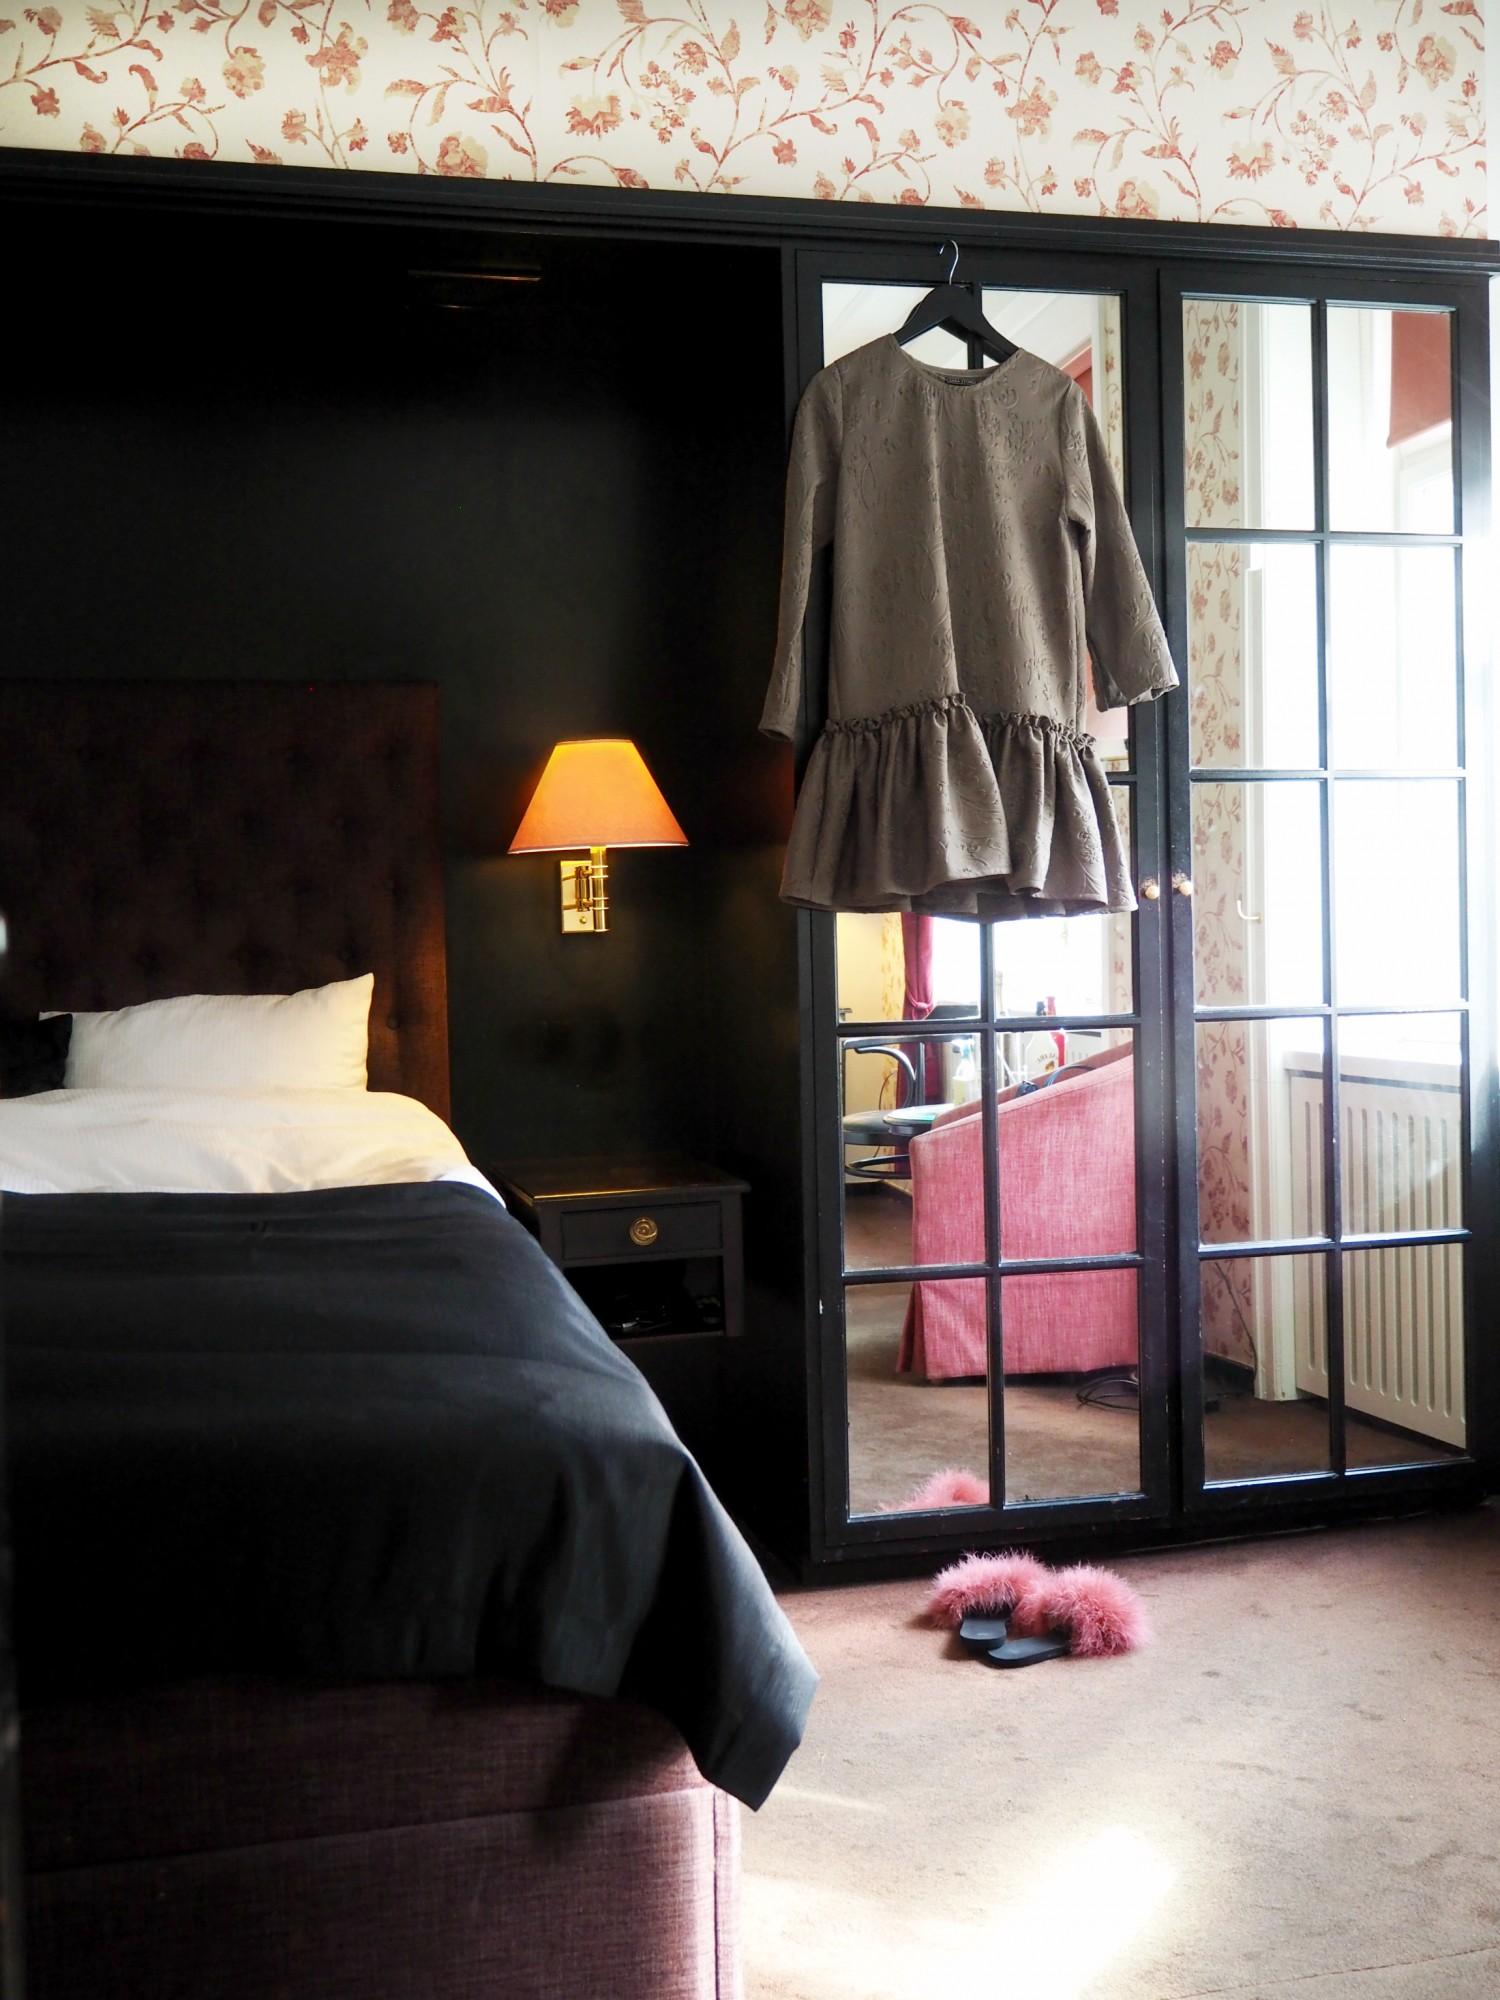 hotel-kong-frederik-2-nadialine-von-bach